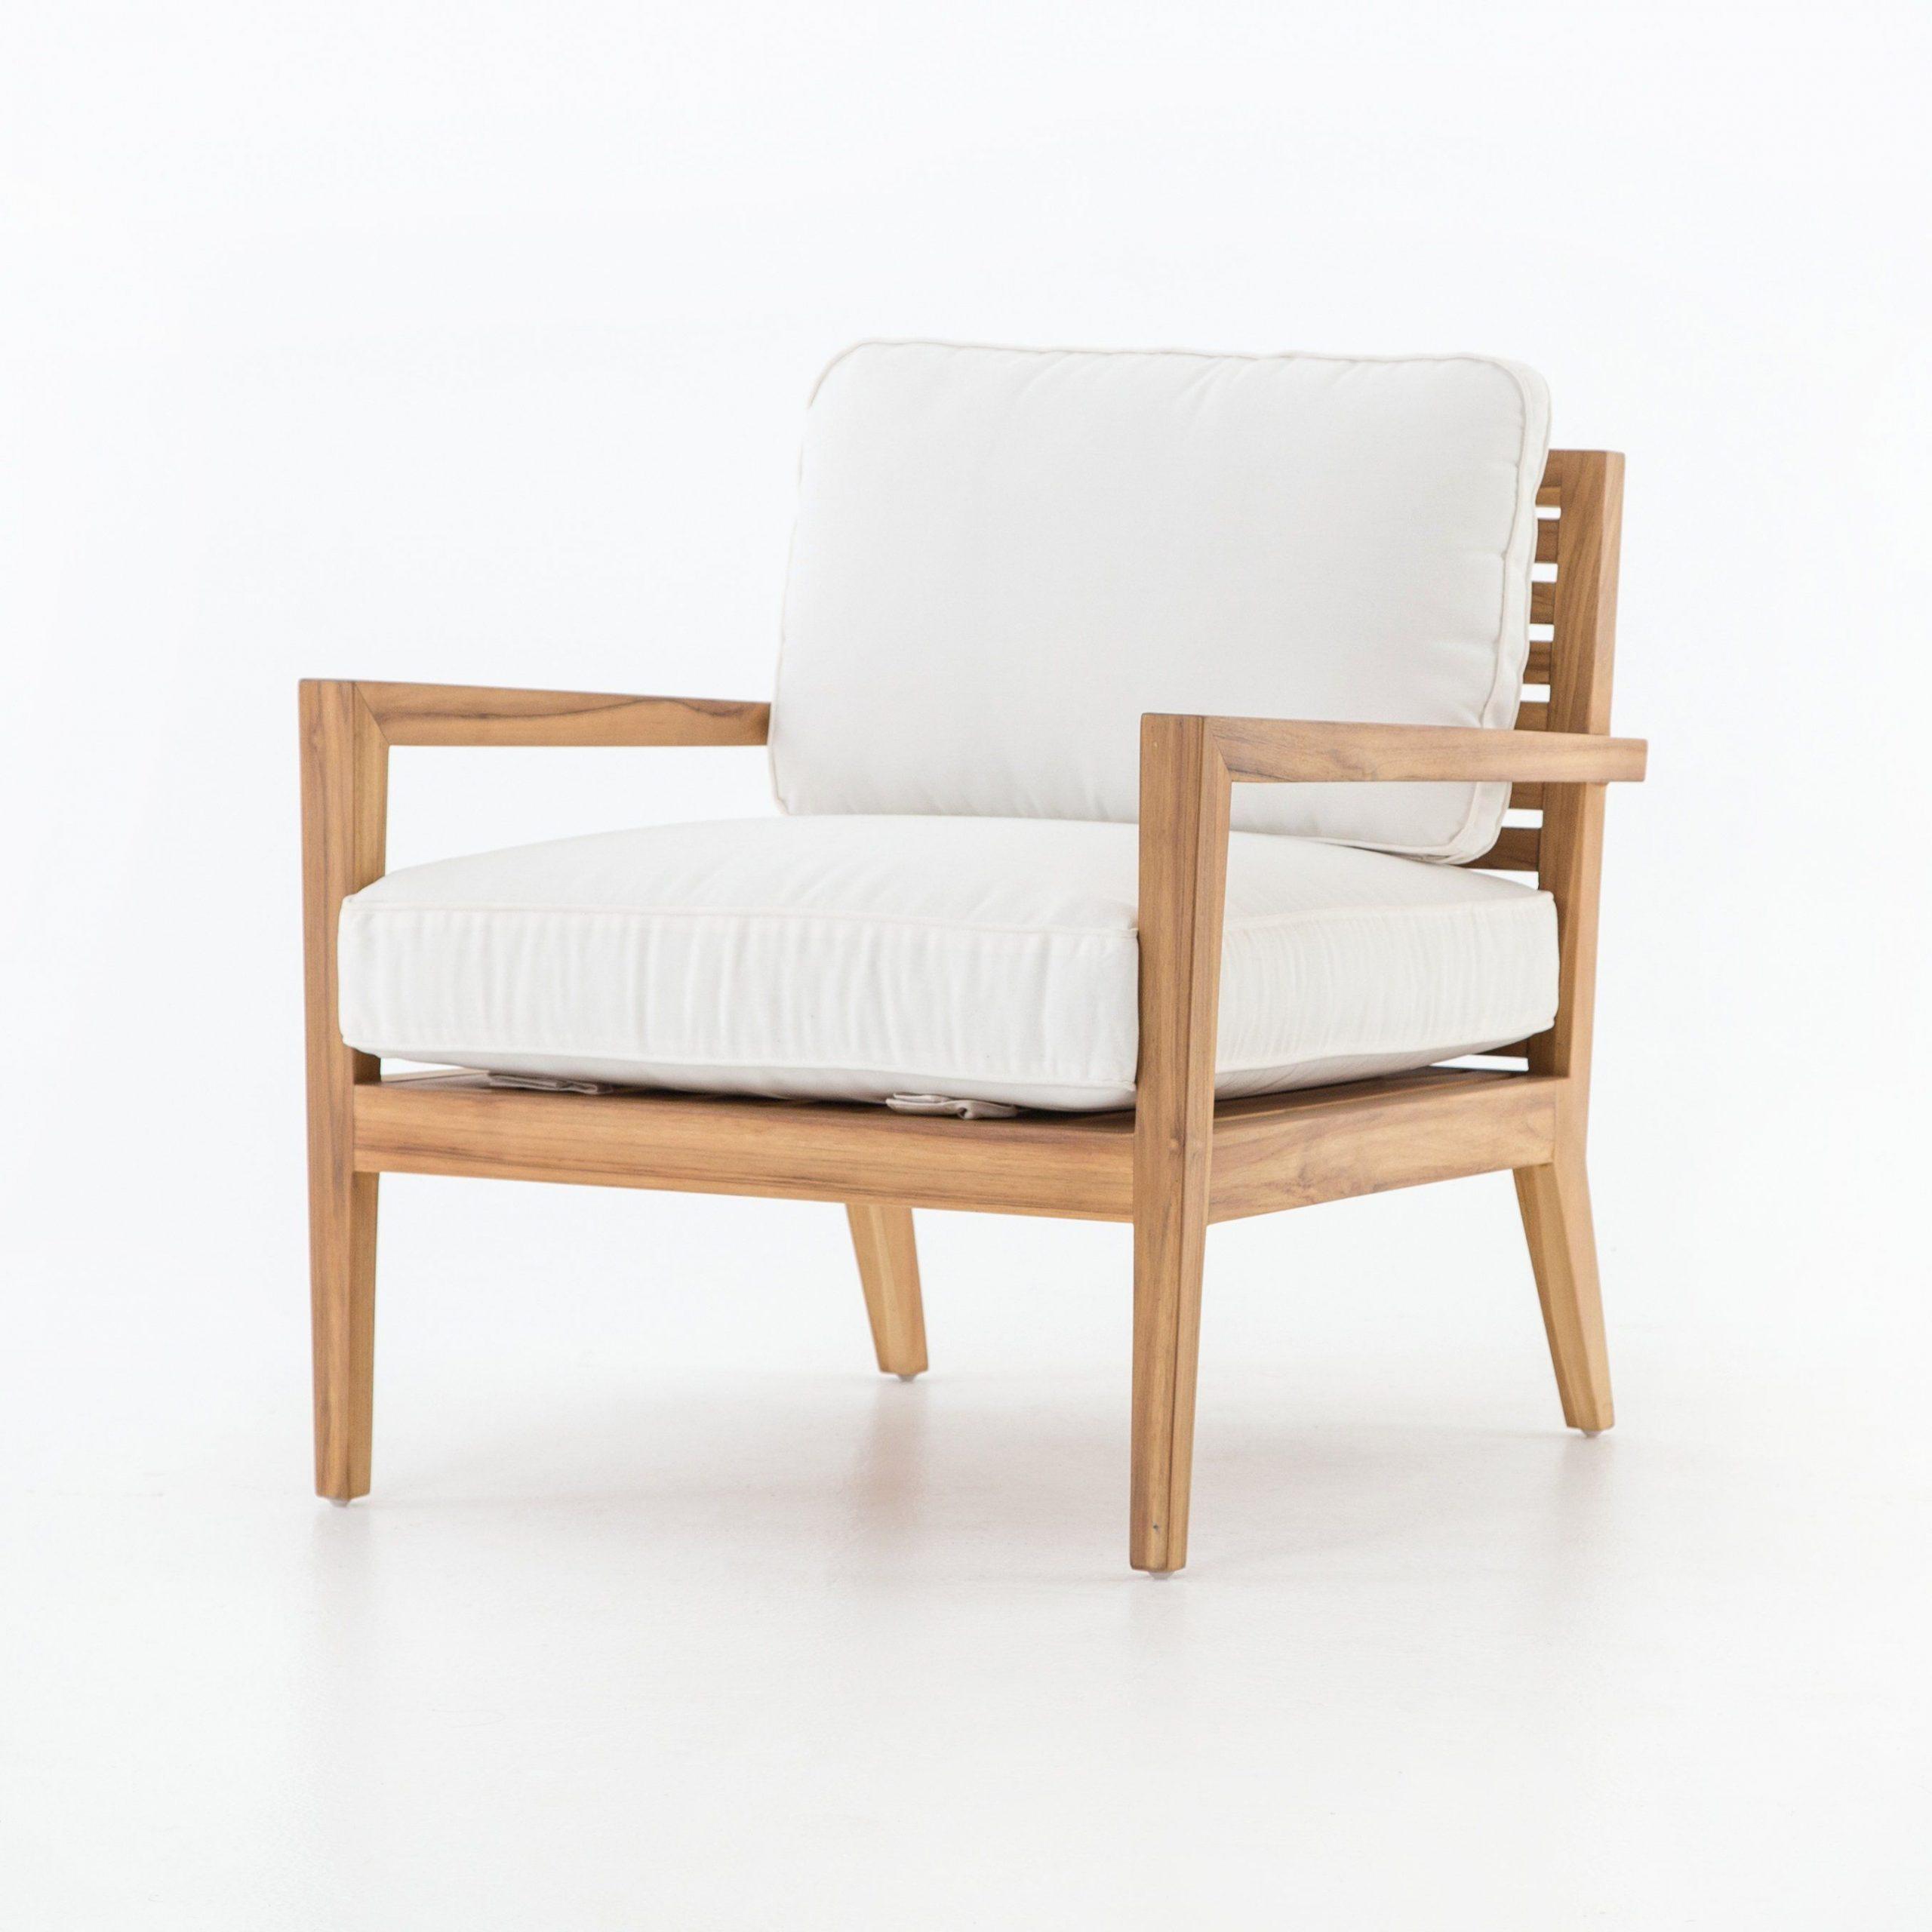 Brecken Outdoor Chair – Canvas White #Outdoorchair | Outdoor Inside Brecken Teak Garden Benches (View 17 of 25)